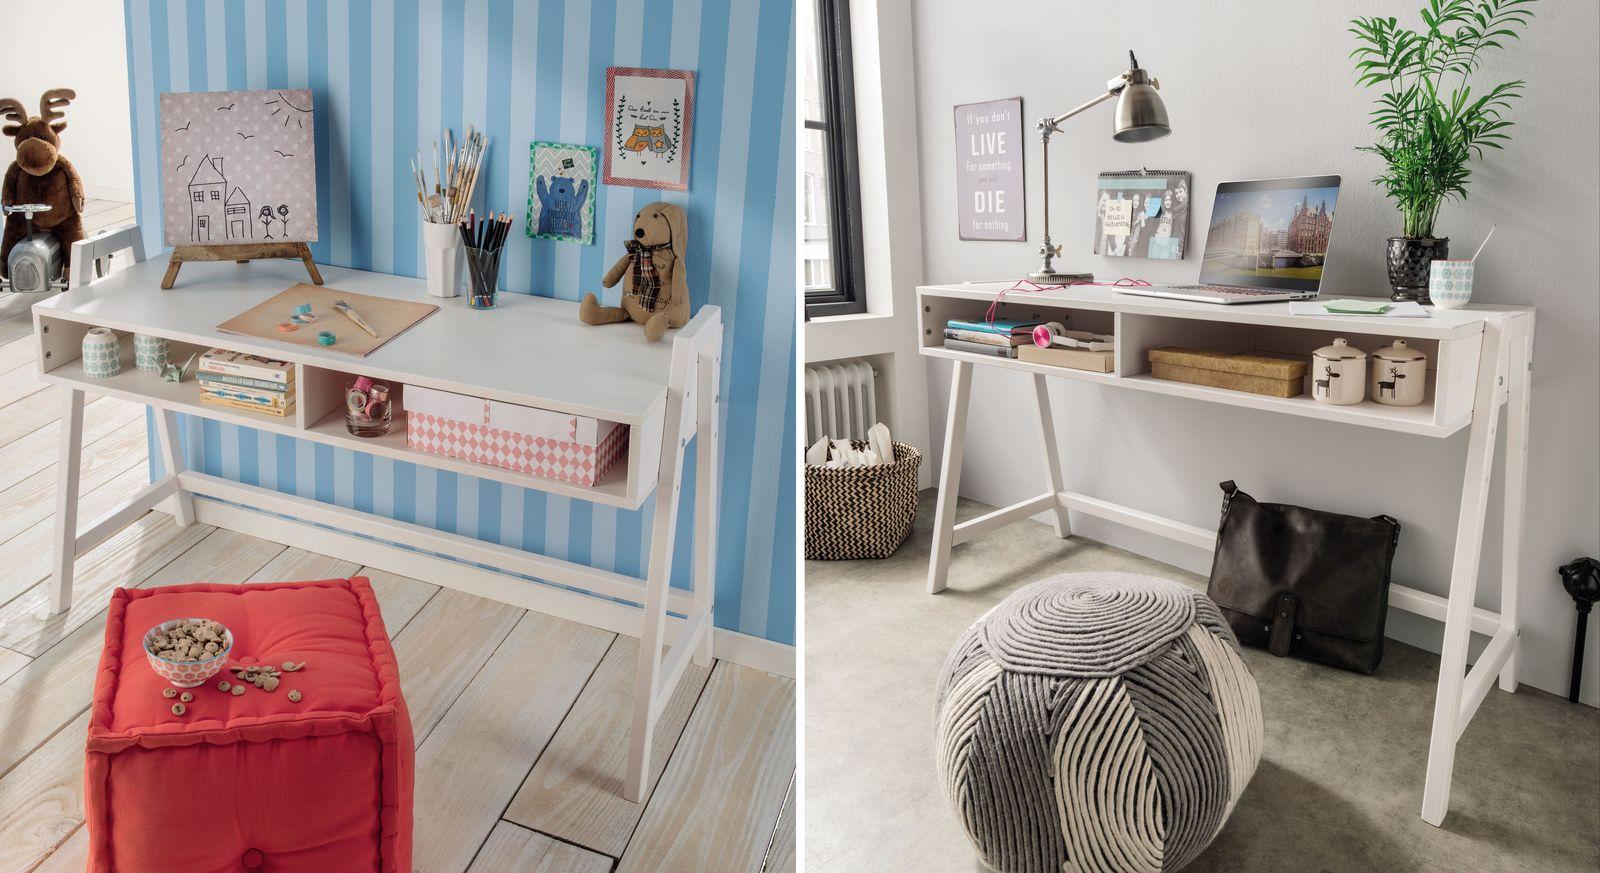 Vielseitiger Retro-Schreibtisch Kids Paradise höhenverstellbar ideal für alle Raumkonzepte